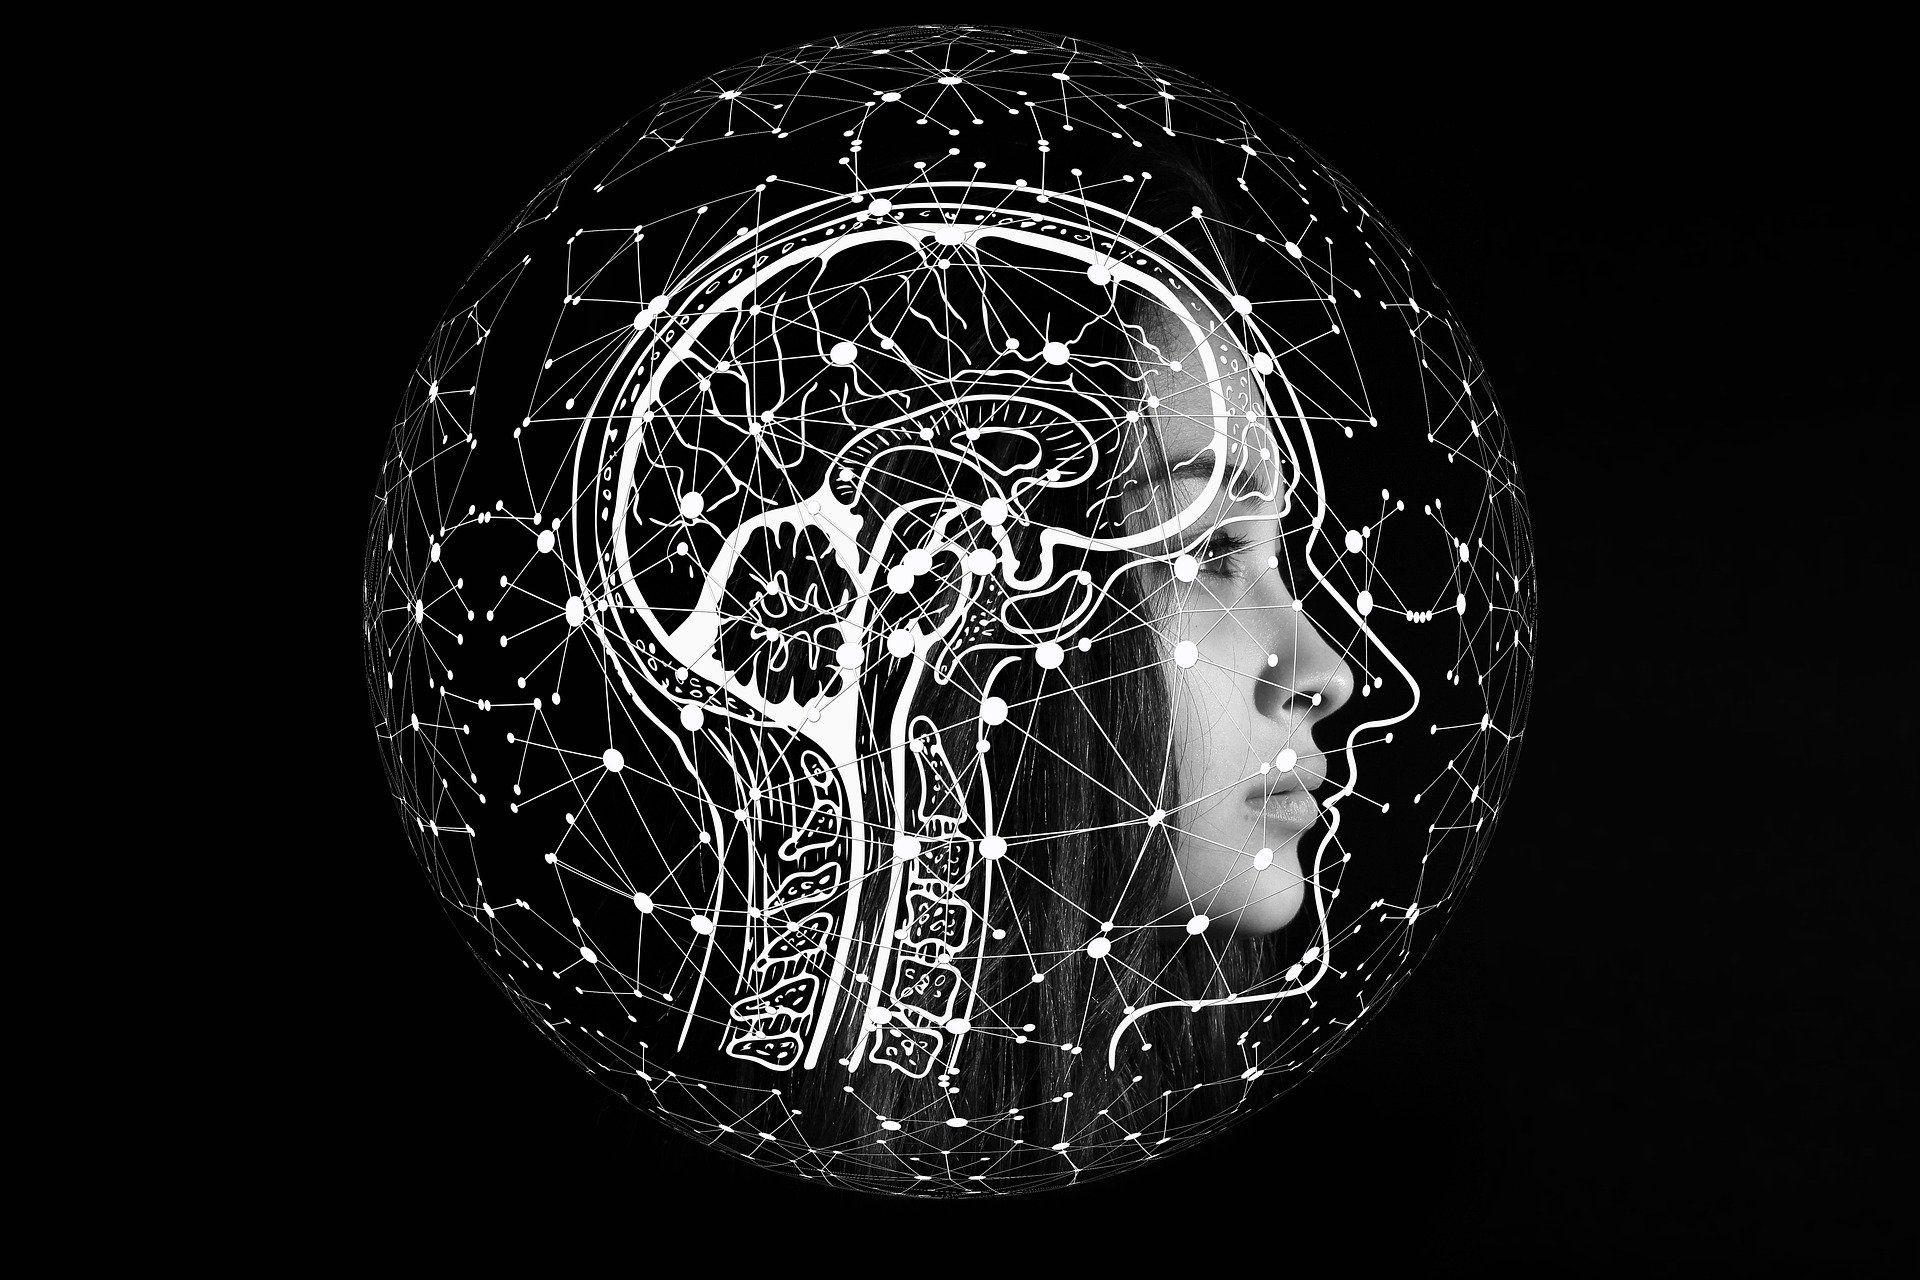 Recréer un cerveau humain, un objectif insensé - Gerd Altmann sur Pixabay